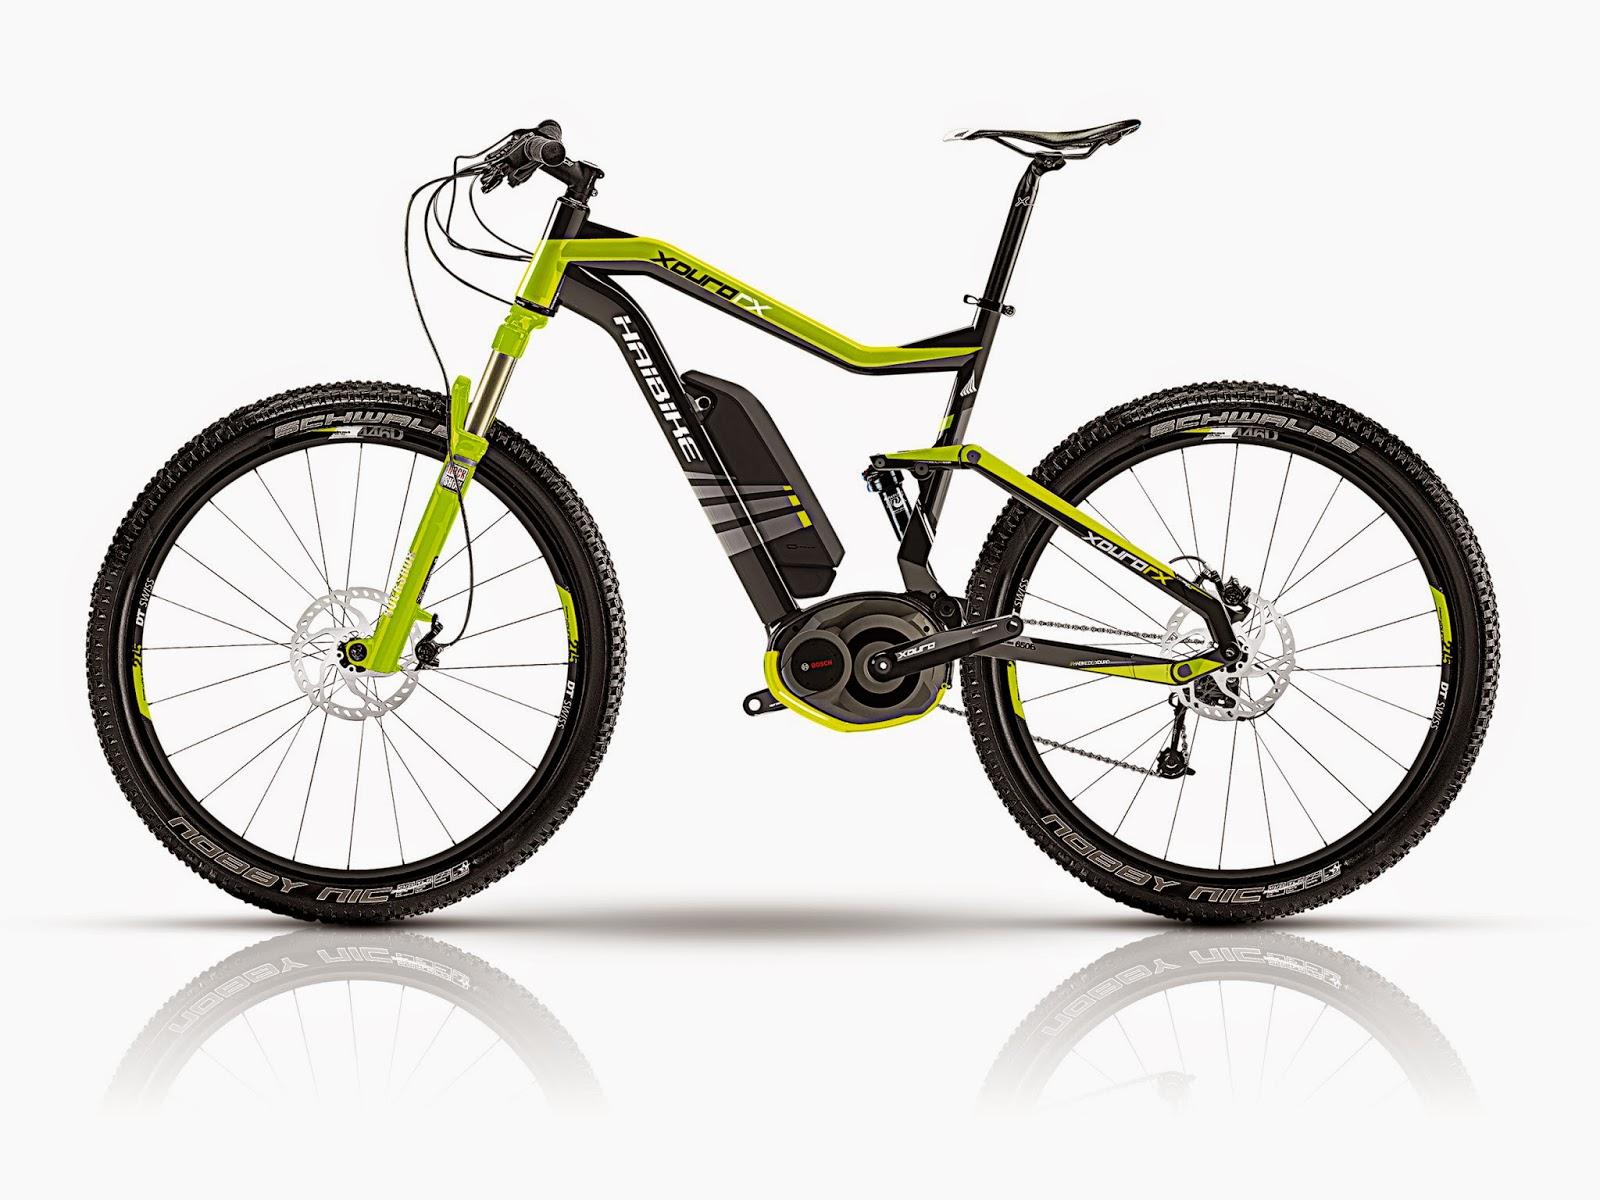 למעלה אופניים חשמליים - עצות מאמרים וטיפים JQ-54